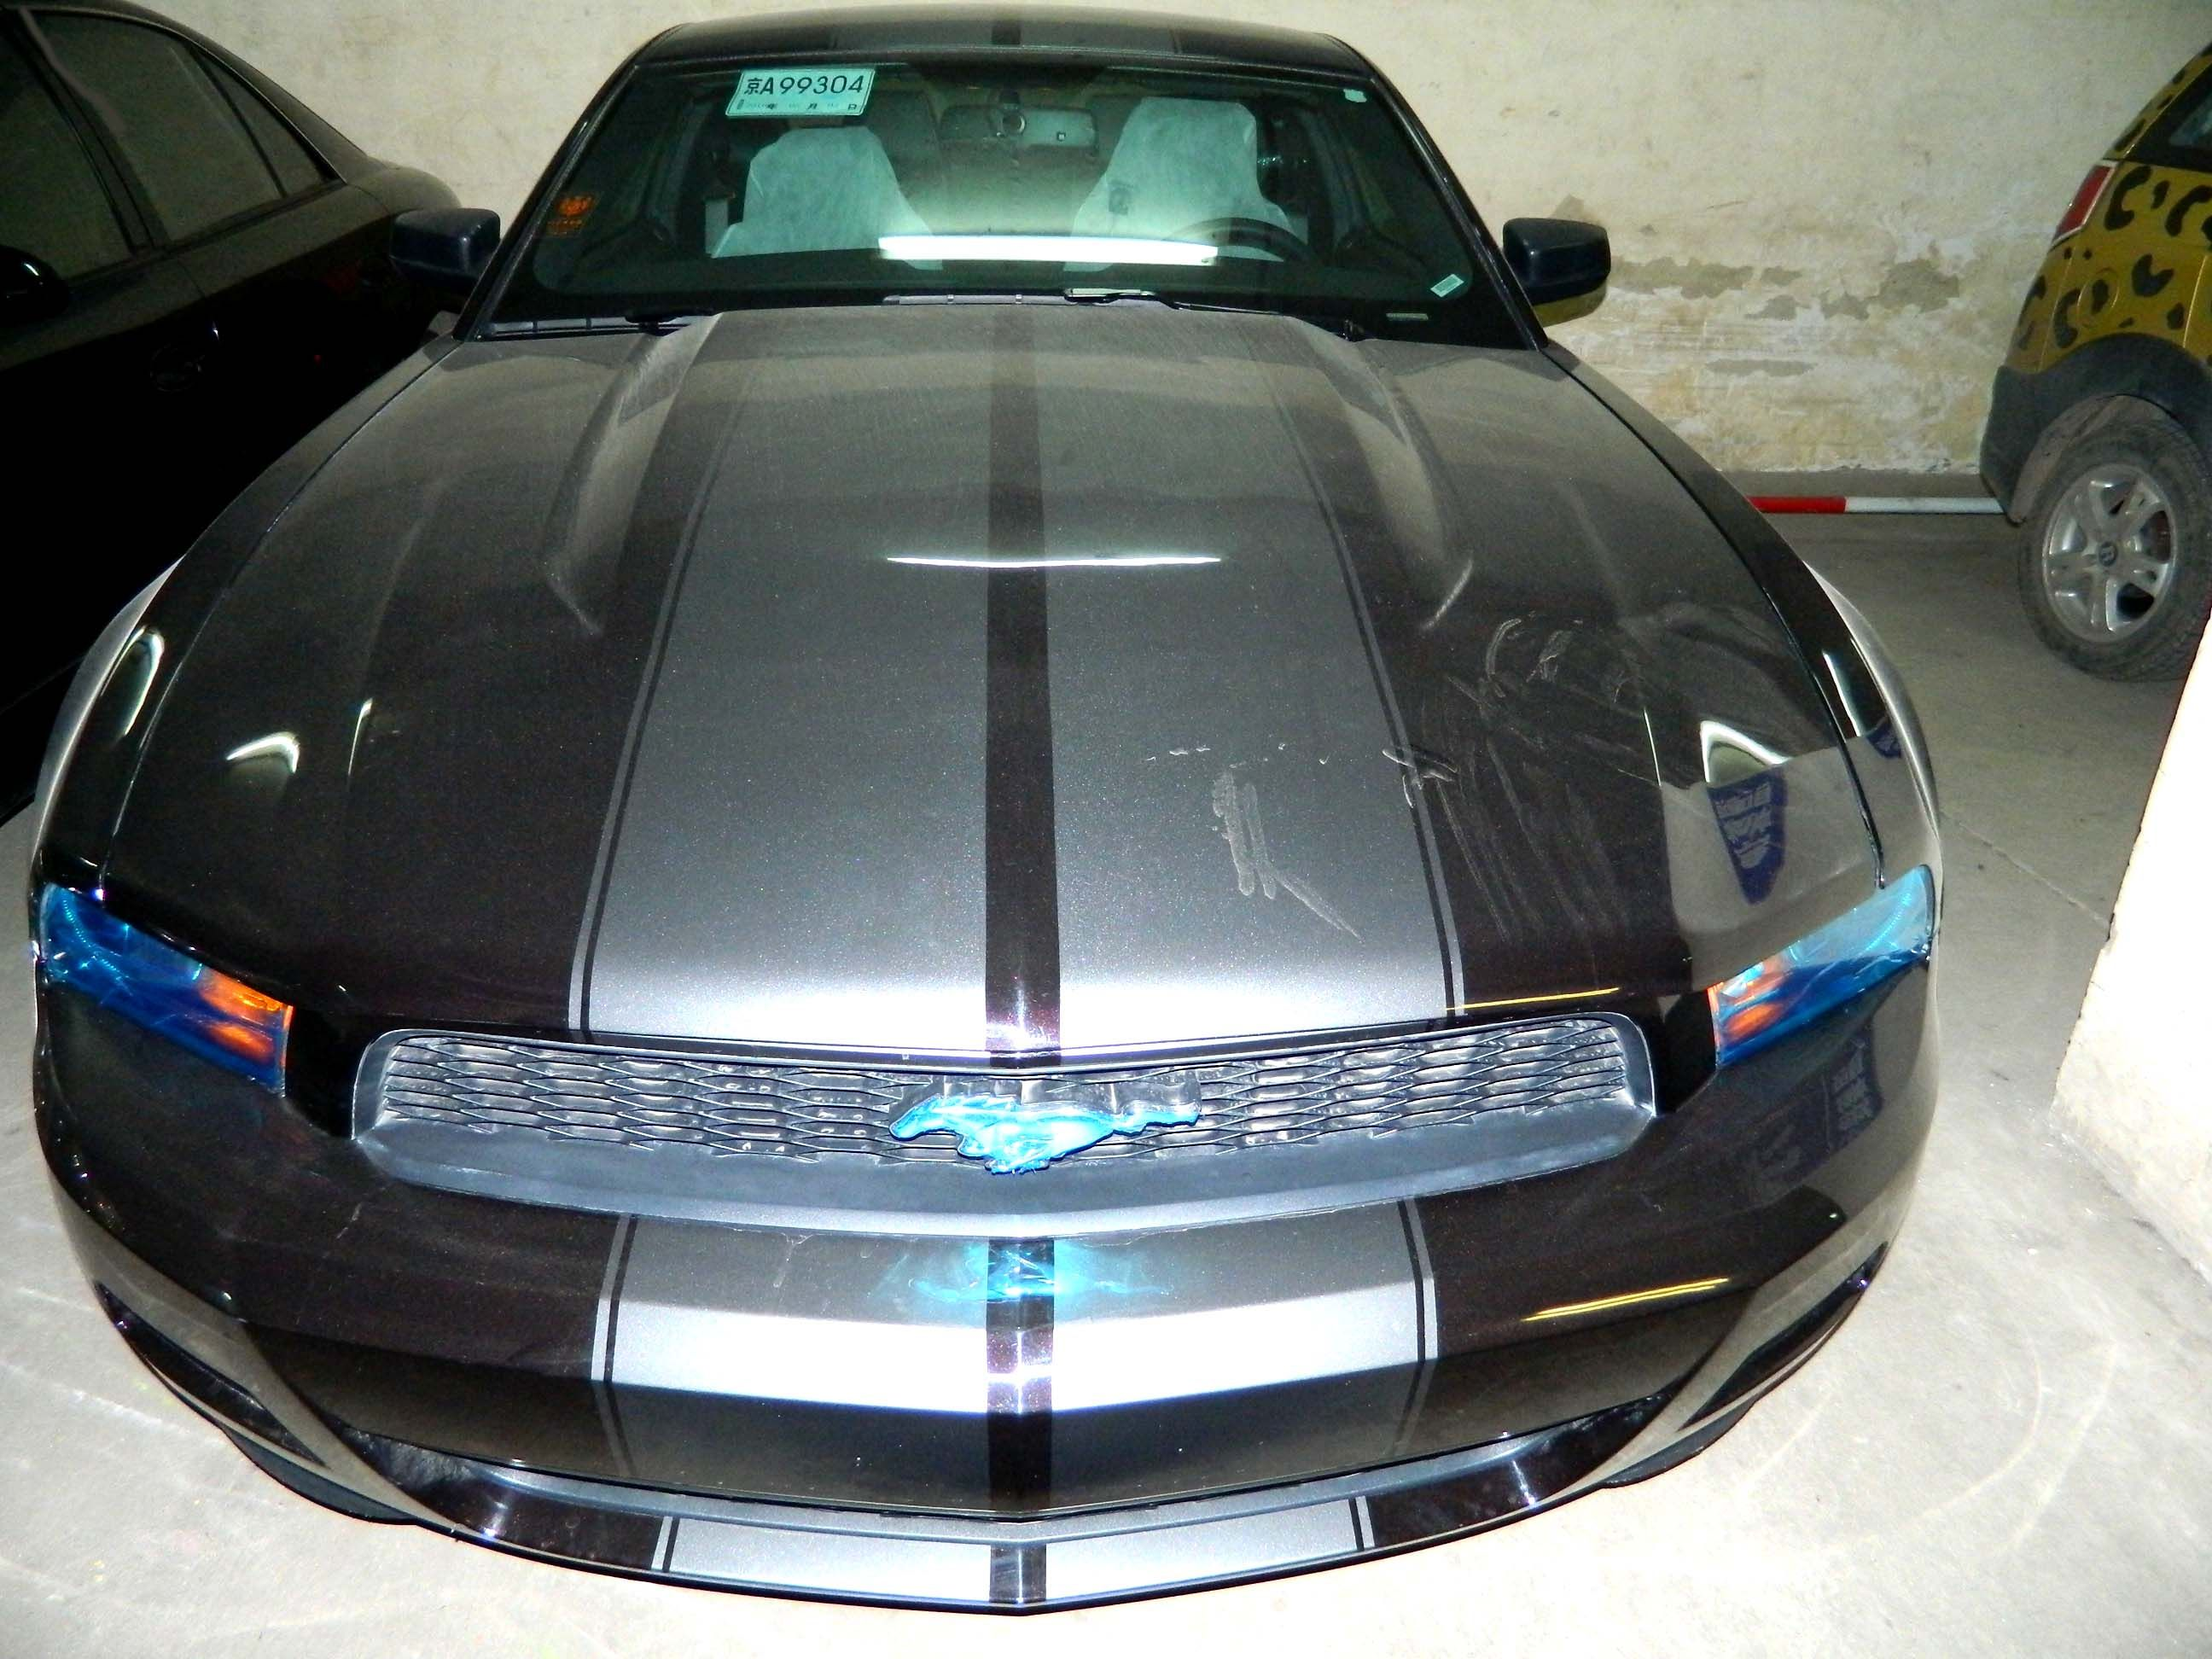 大连全国二手 野马 gt500 5.4 v8 跑车 黑色高清图片